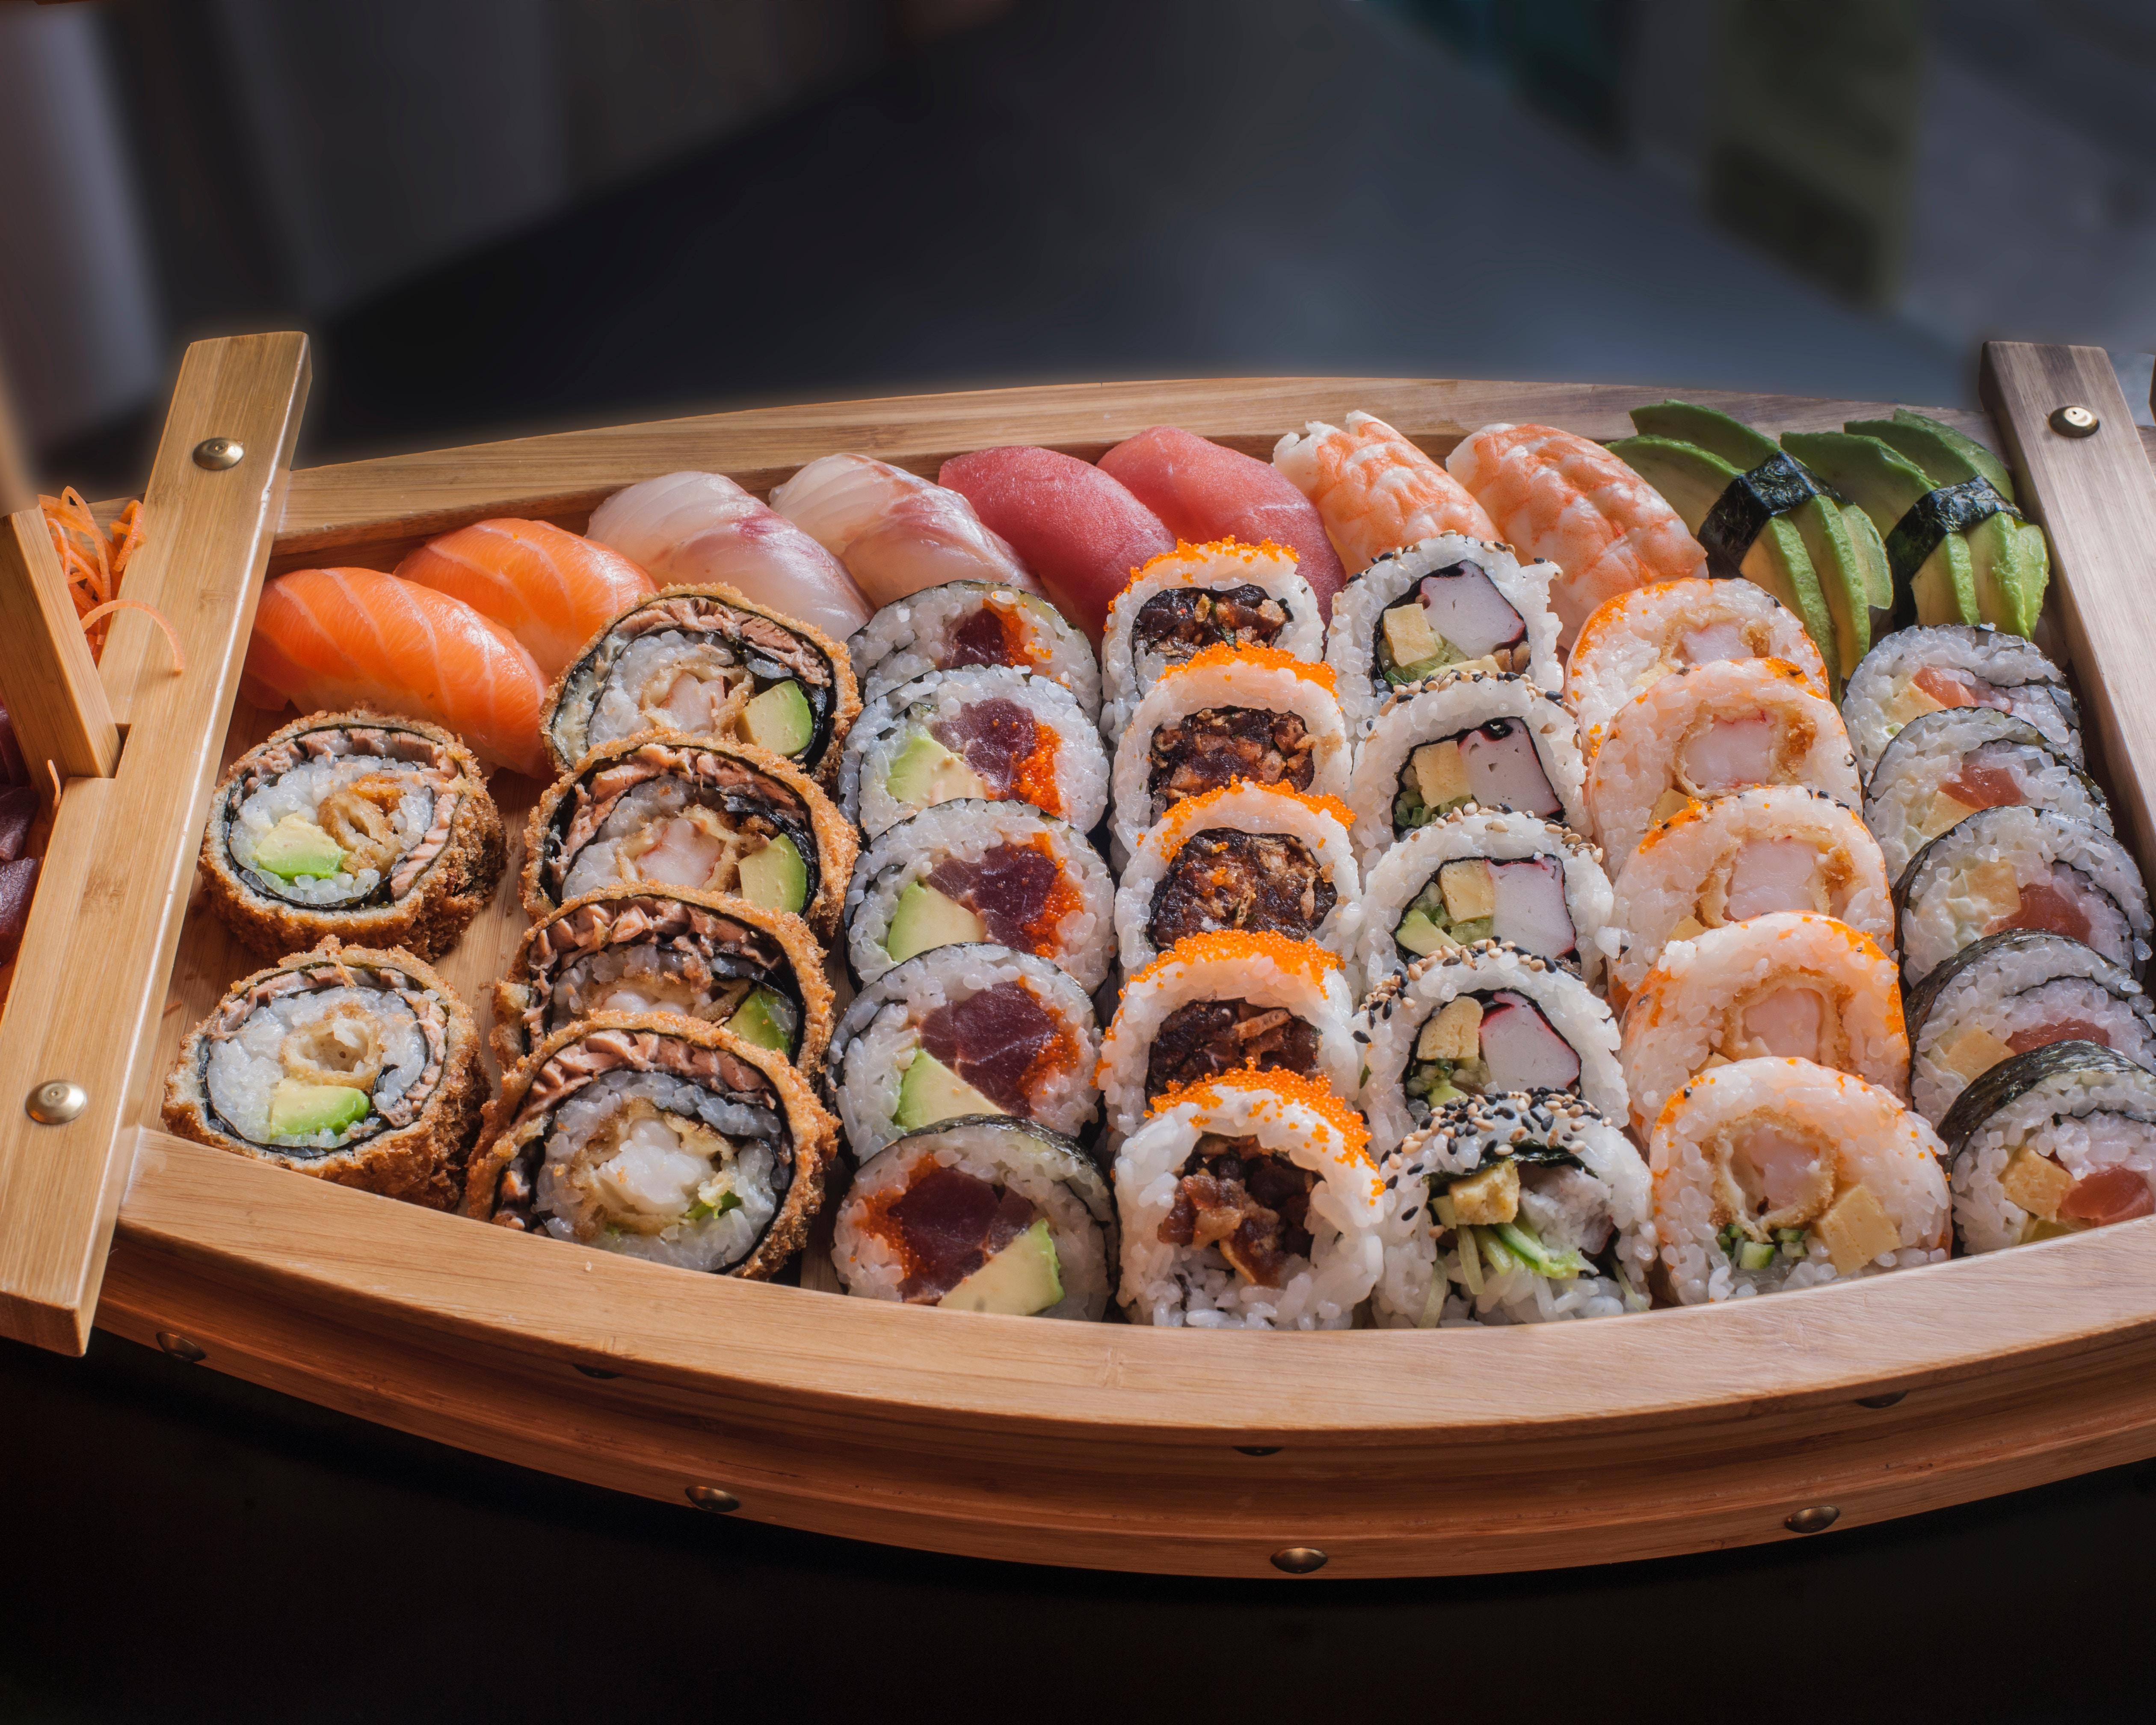 がってん寿司のランチが大人気!平日・土日に味わえるメニューや時間帯は?